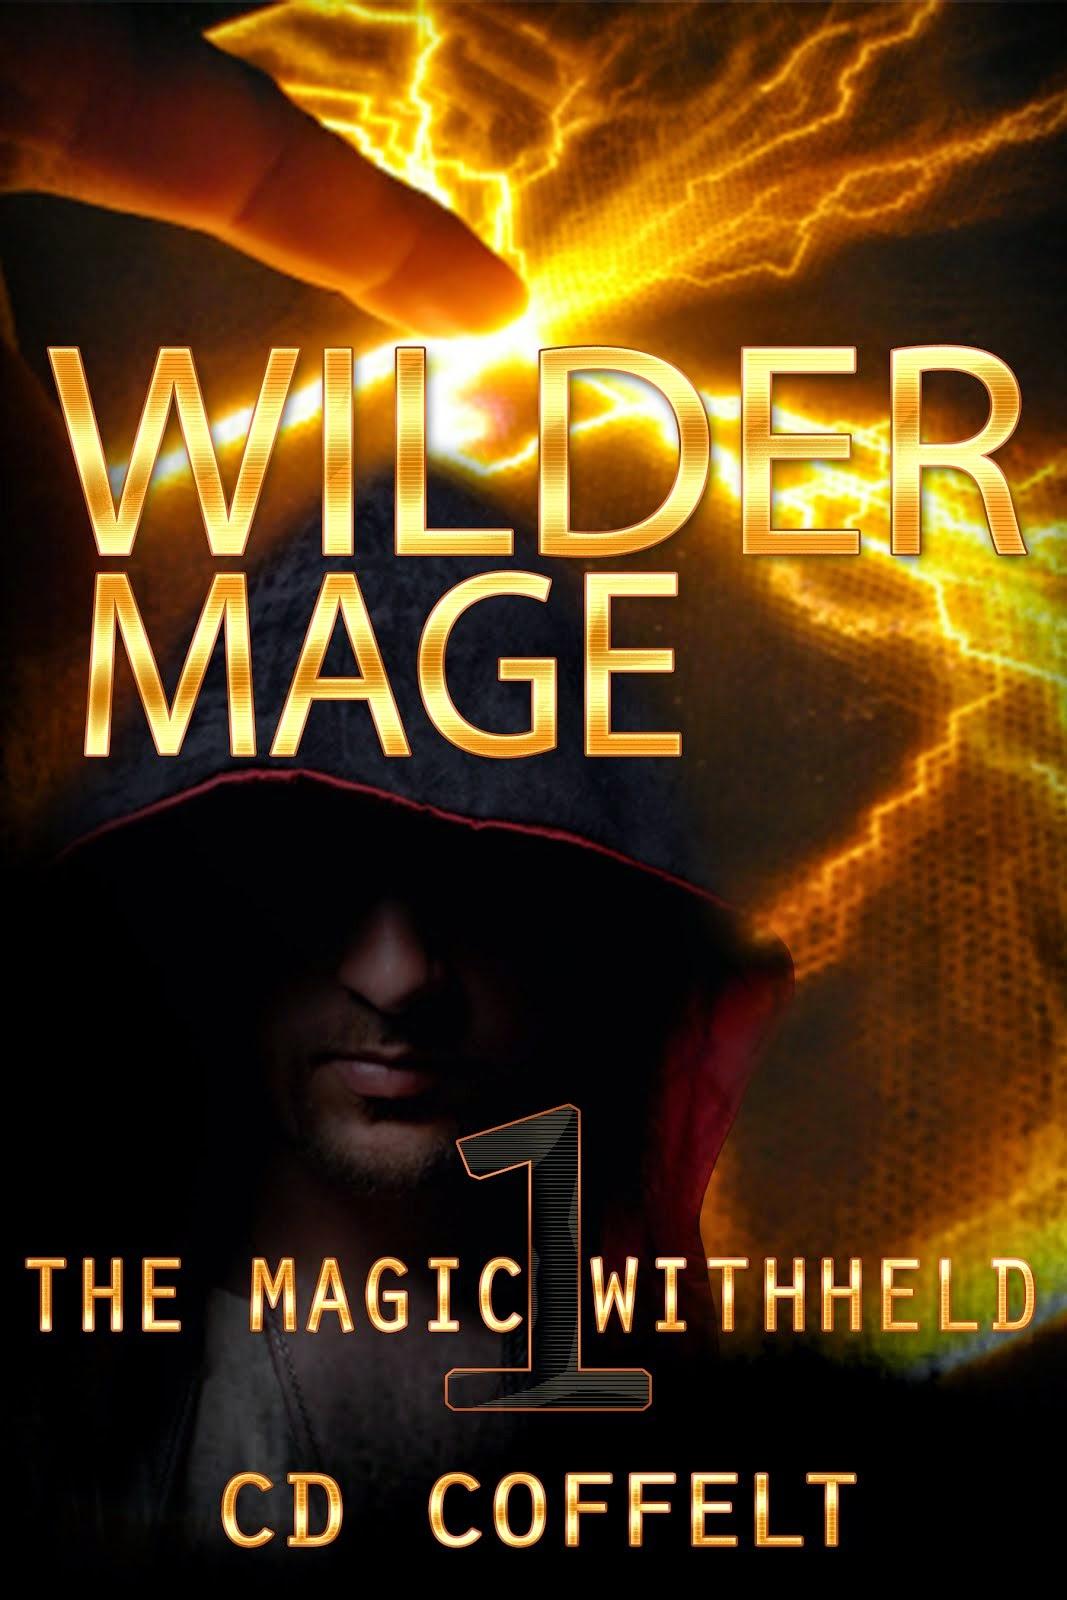 Wilder Mage